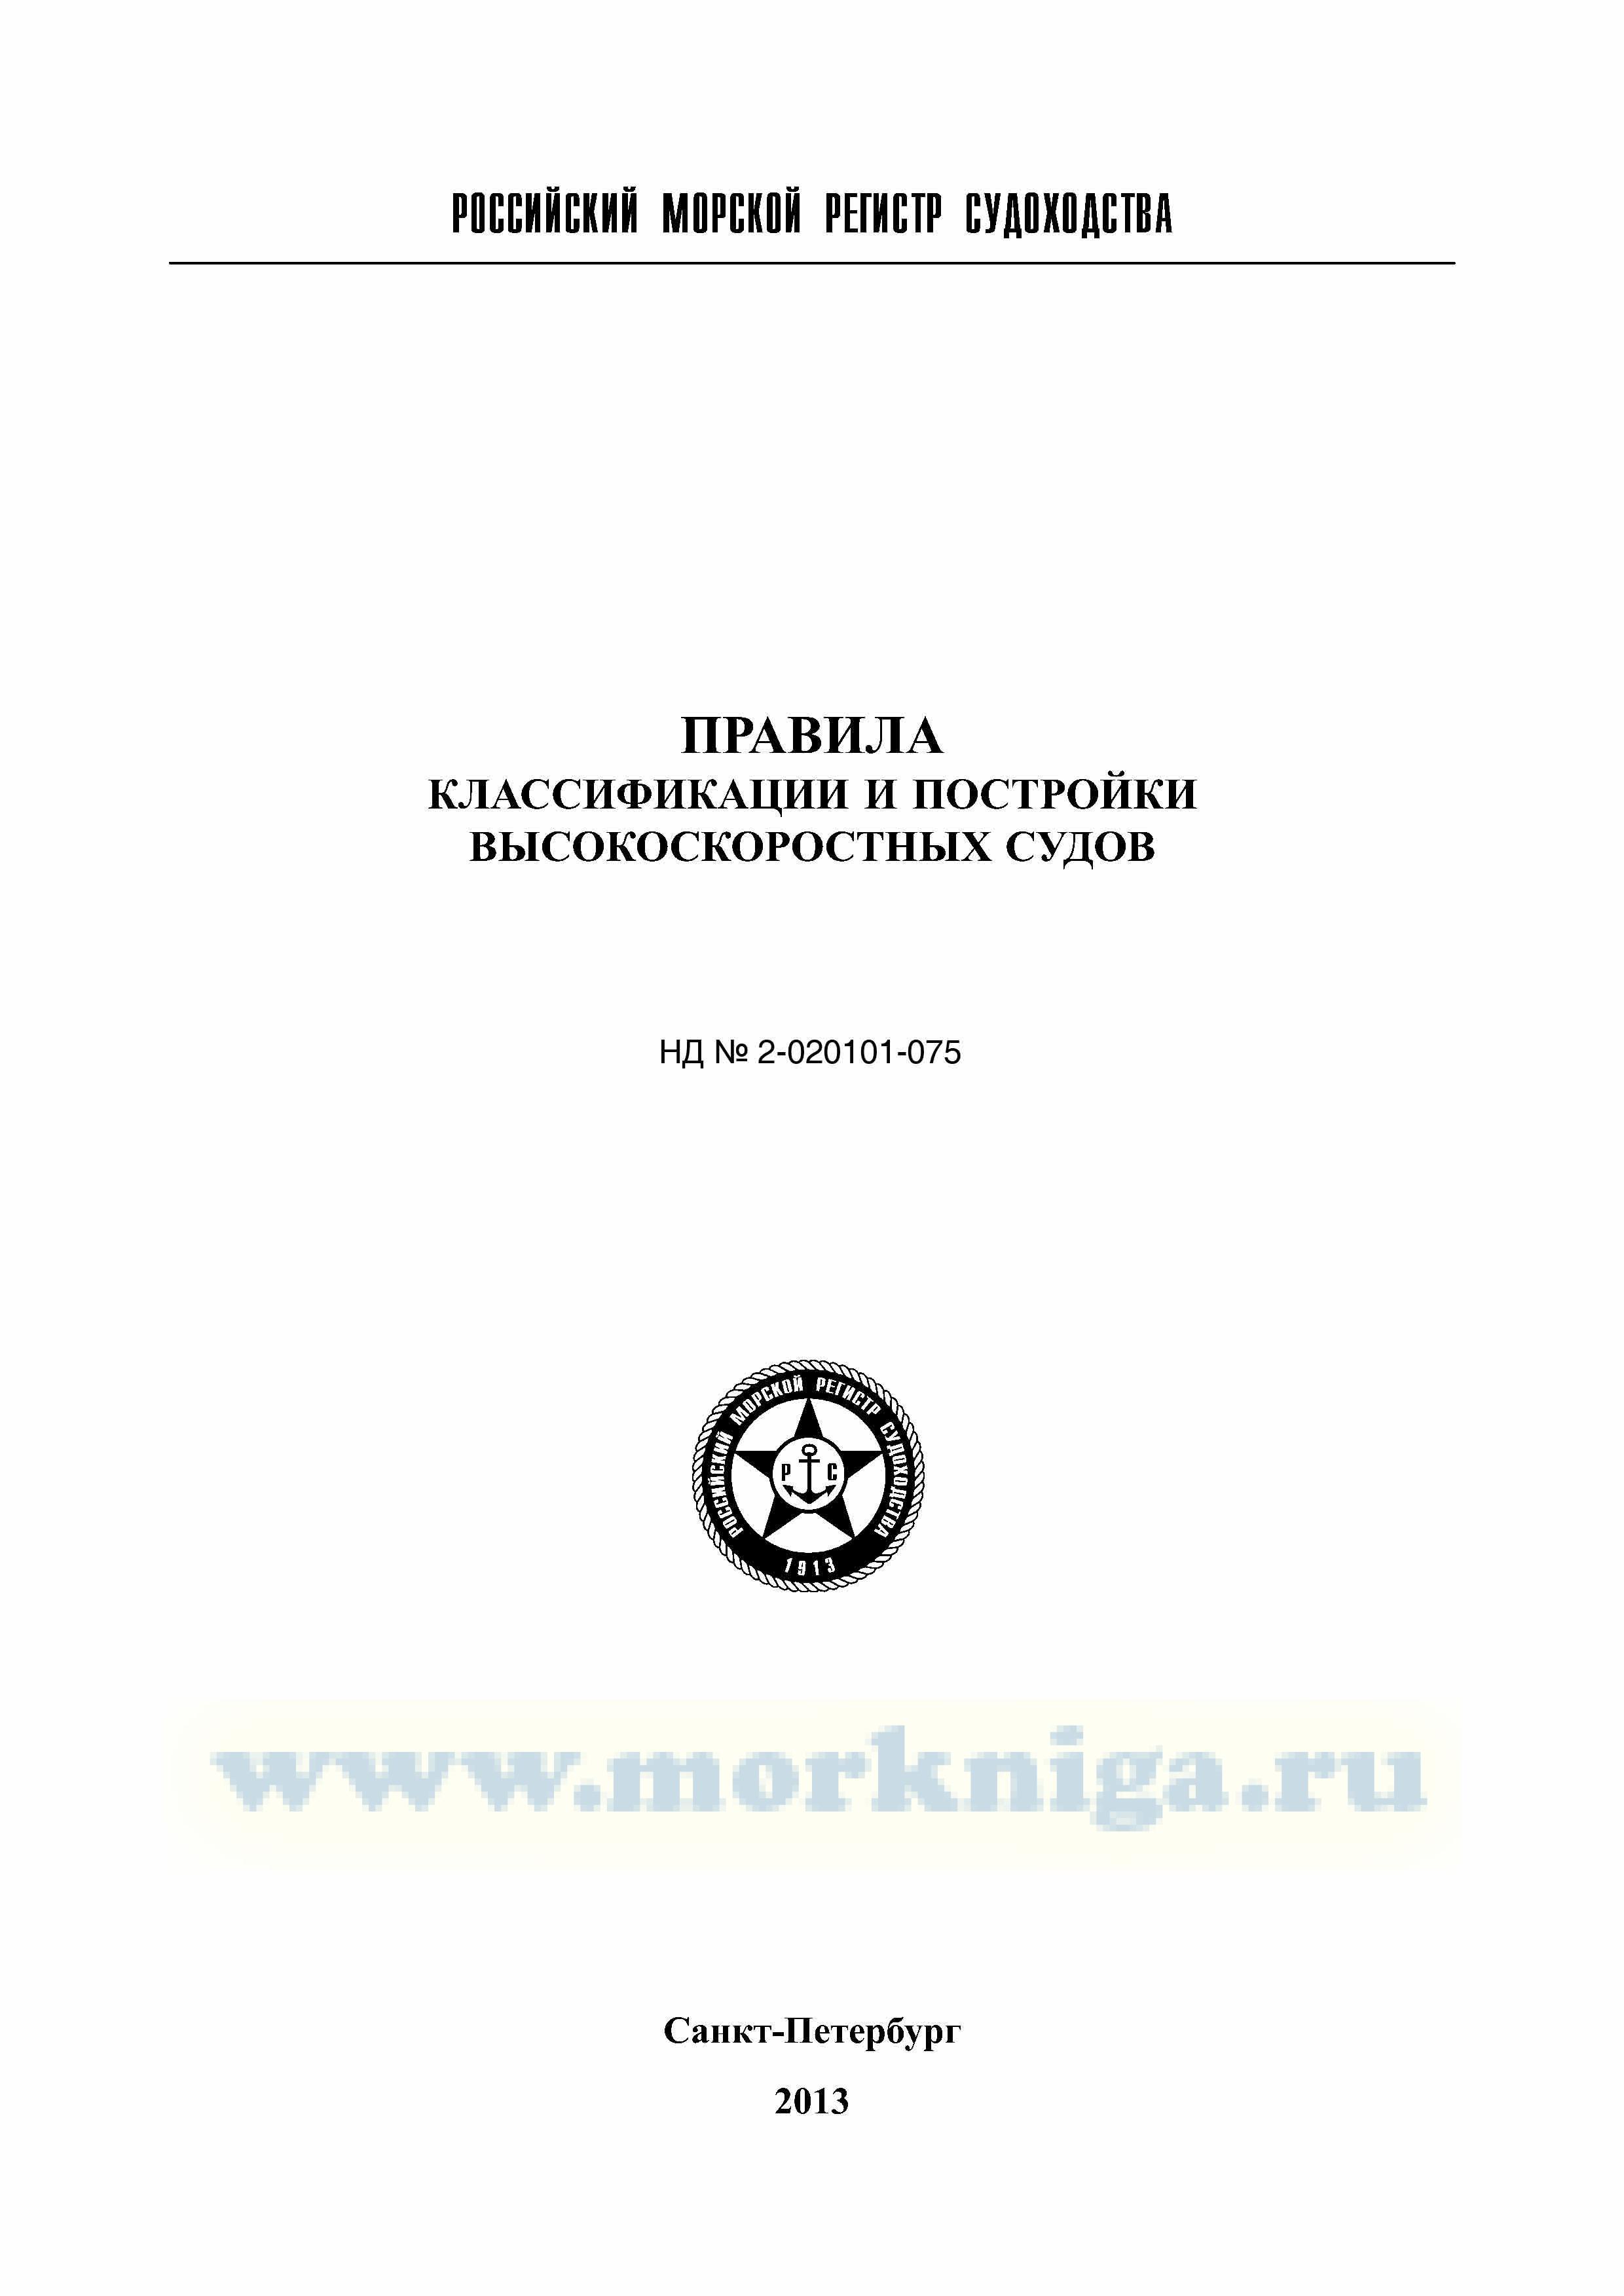 Правила классификации и постройки высокоскоростных судов, 2013